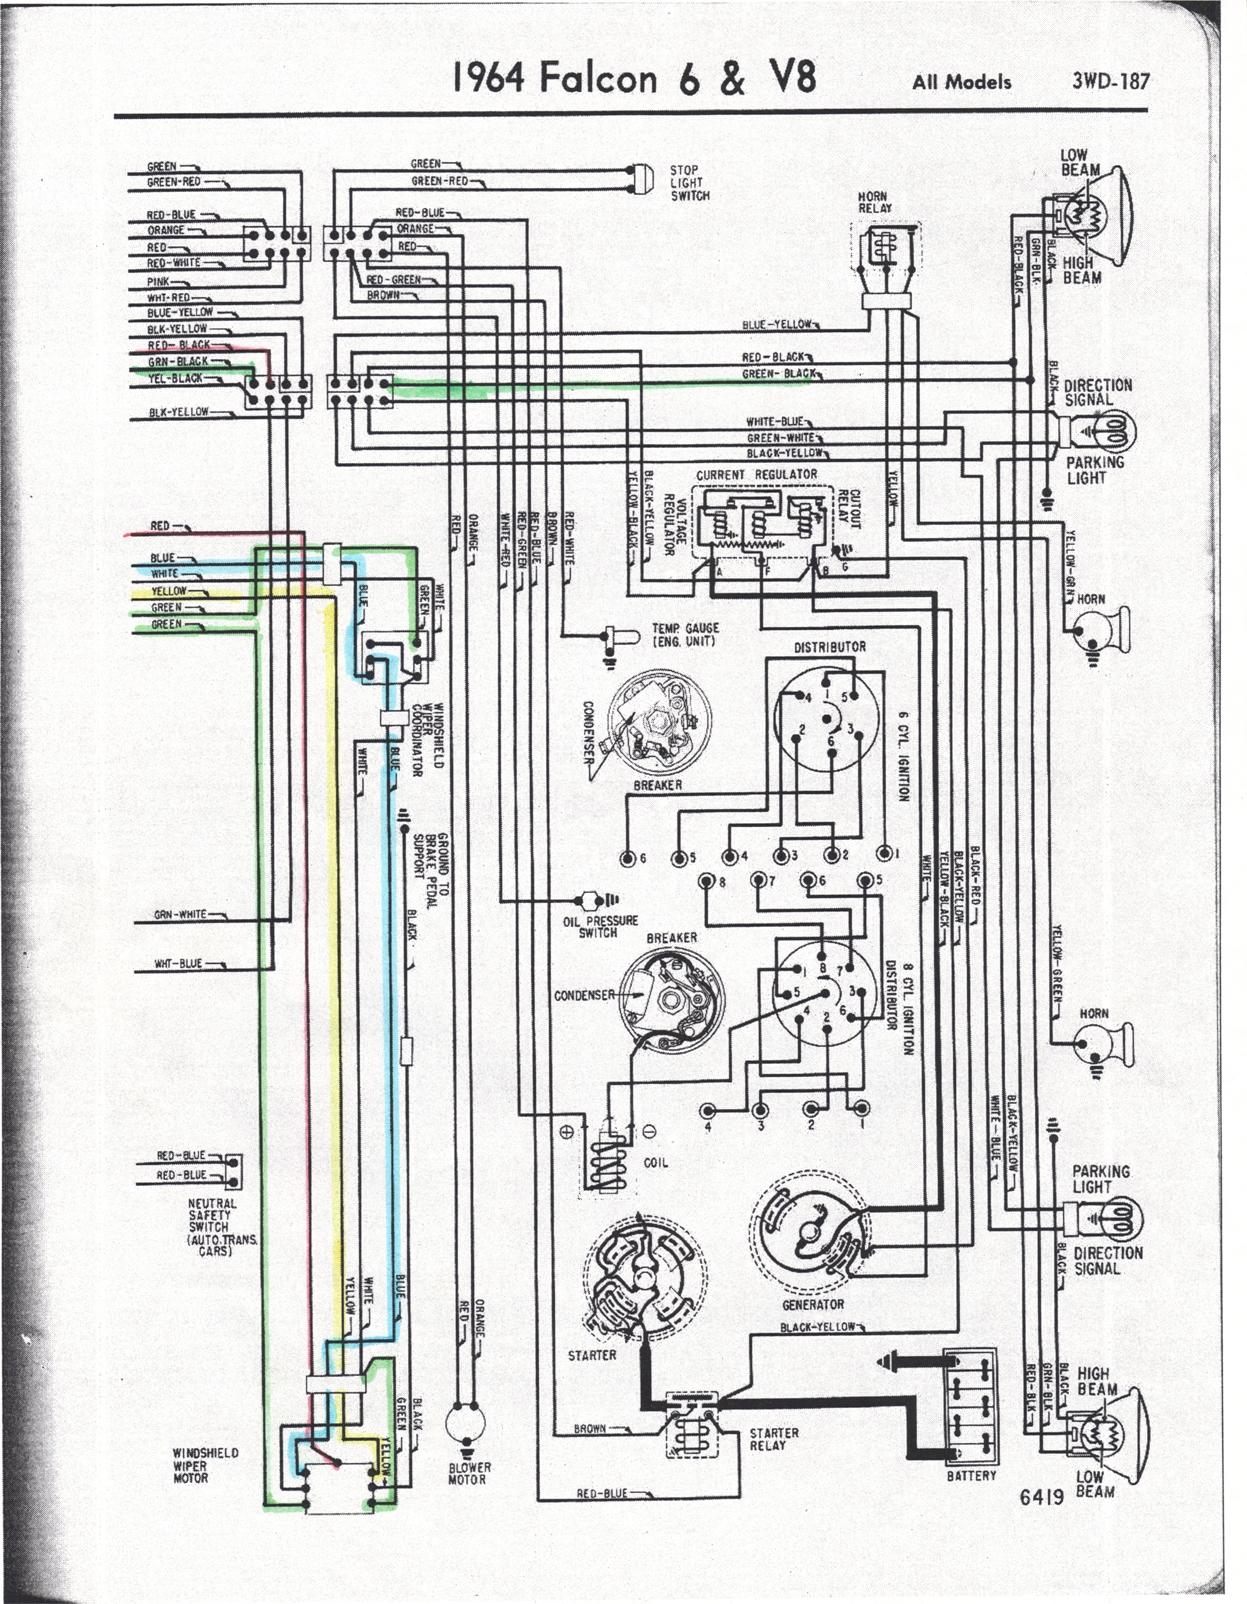 64 ford radio wiring box wiring diagram64 ford radio wiring auto electrical wiring diagram ford stereo wiring 64 ford radio wiring